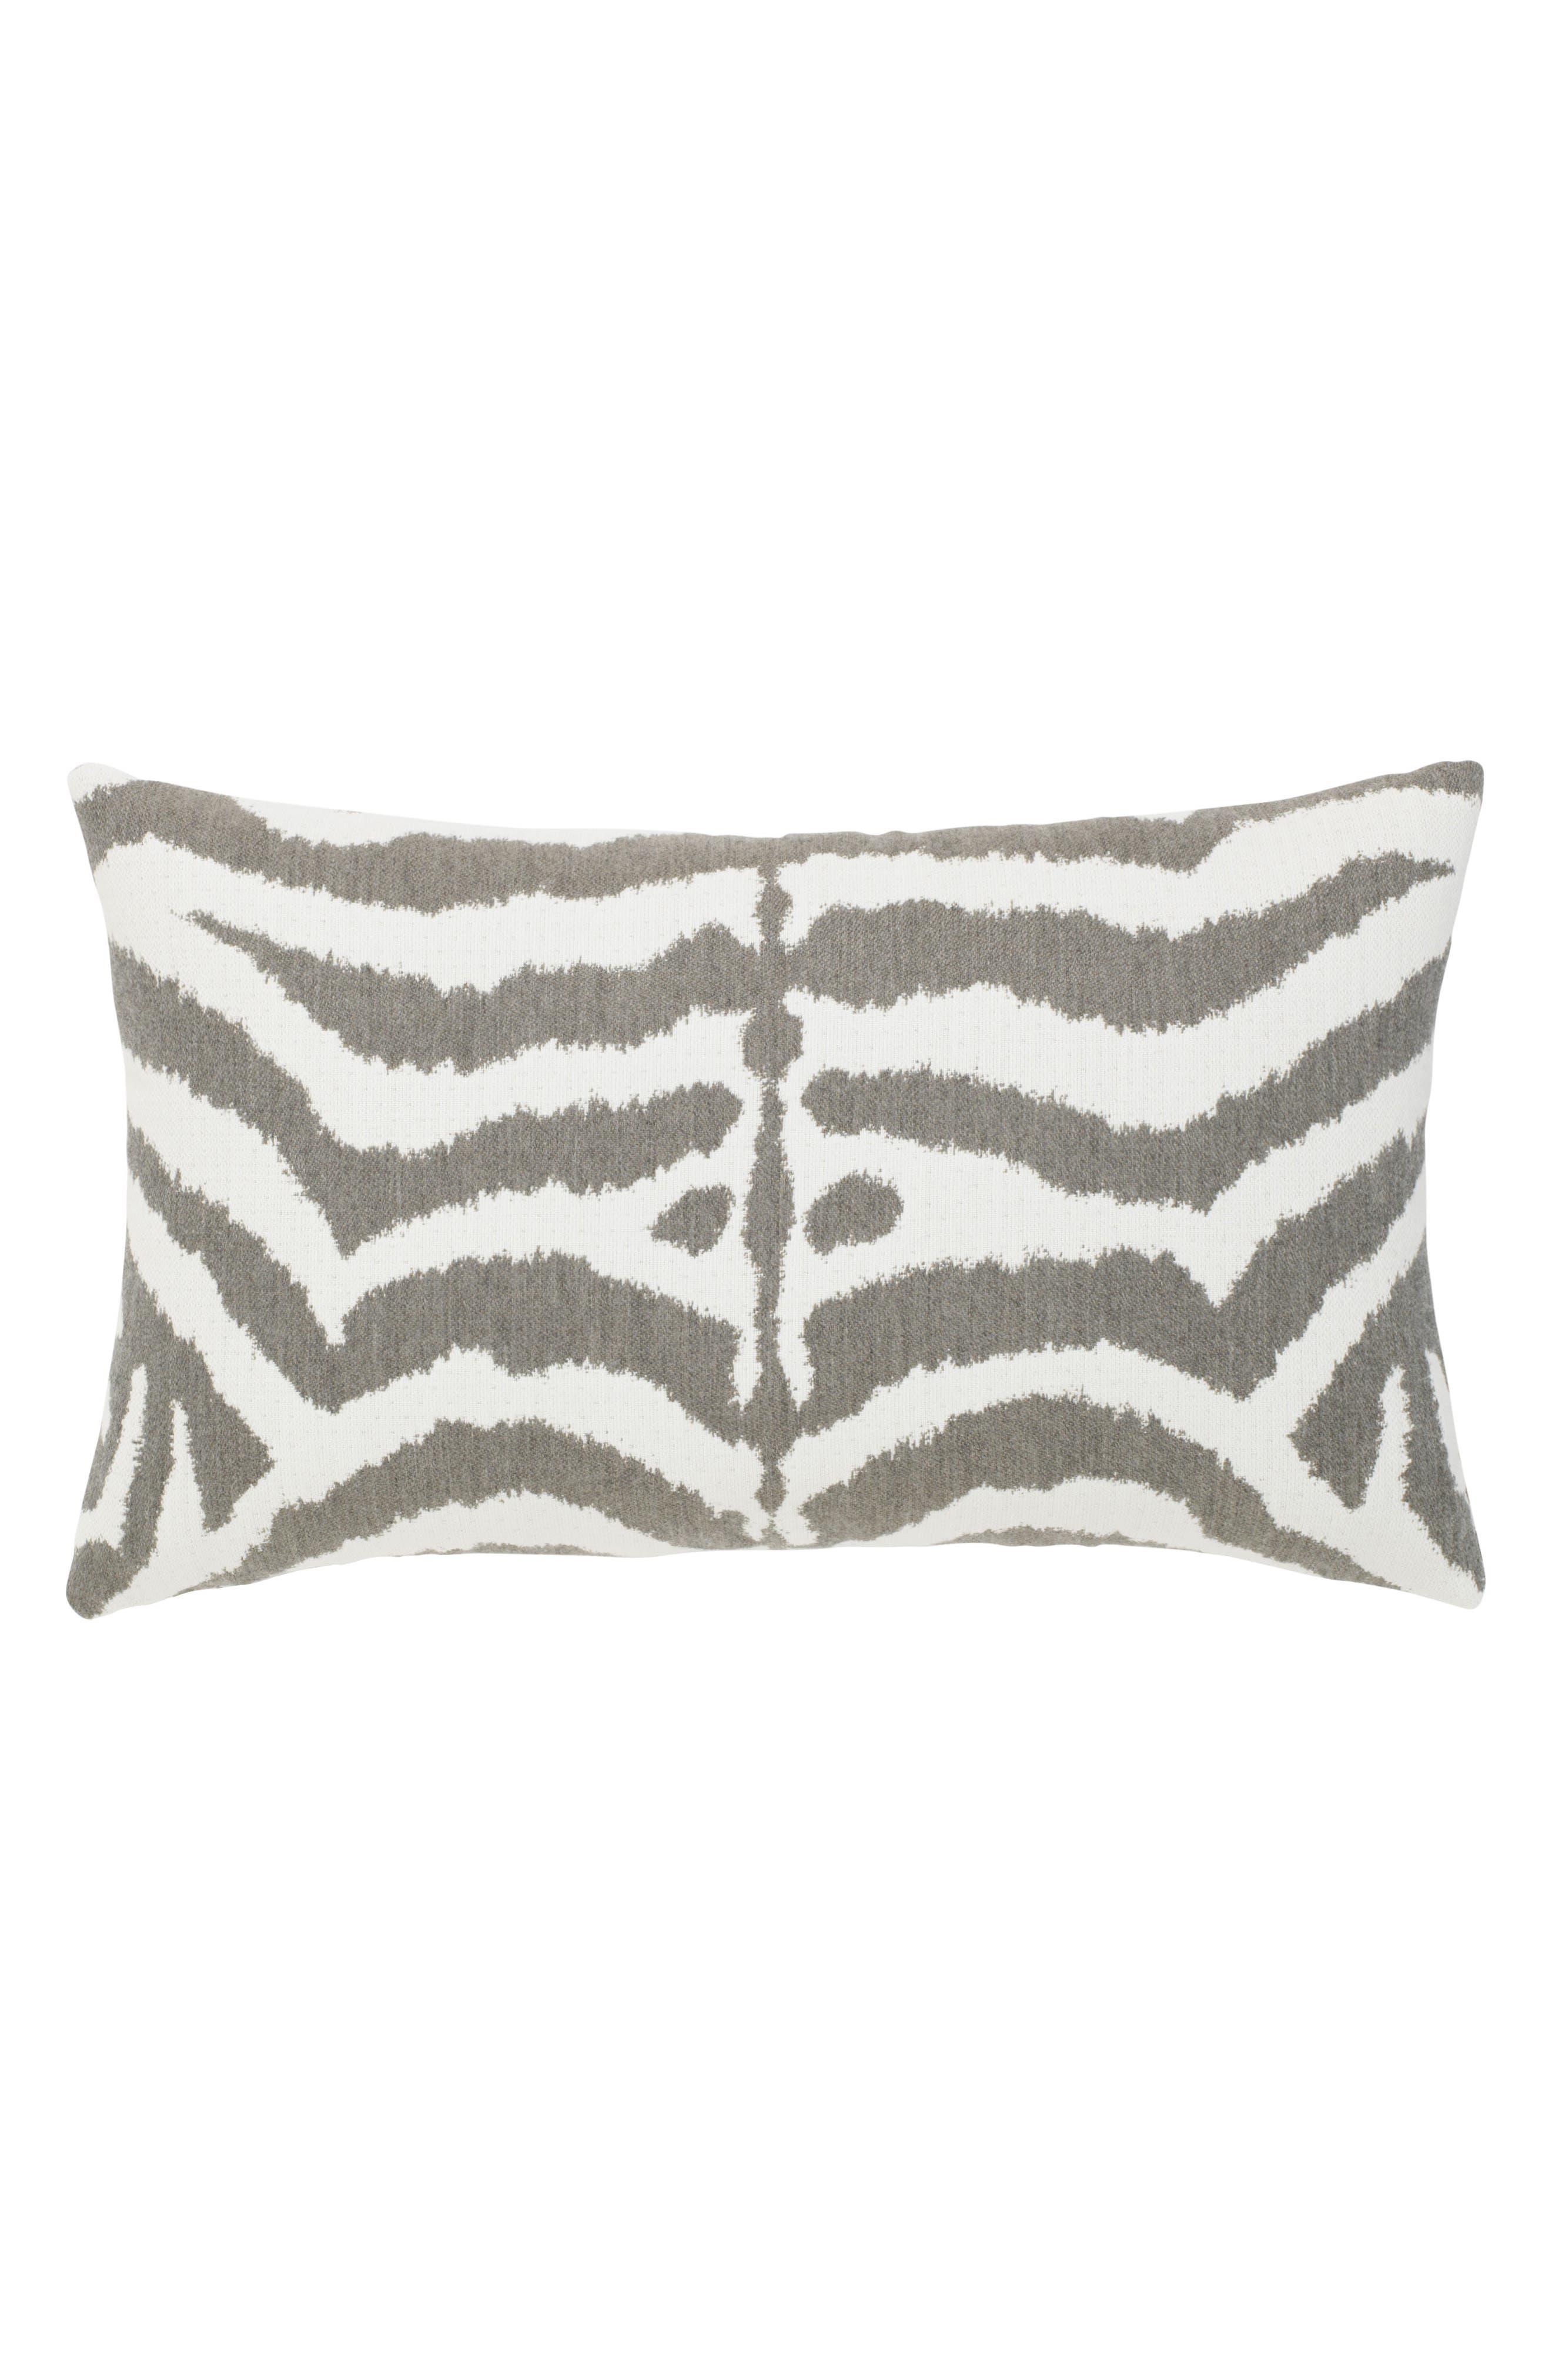 Zebra Gray Indoor/Outdoor Accent Pillow,                         Main,                         color, 100